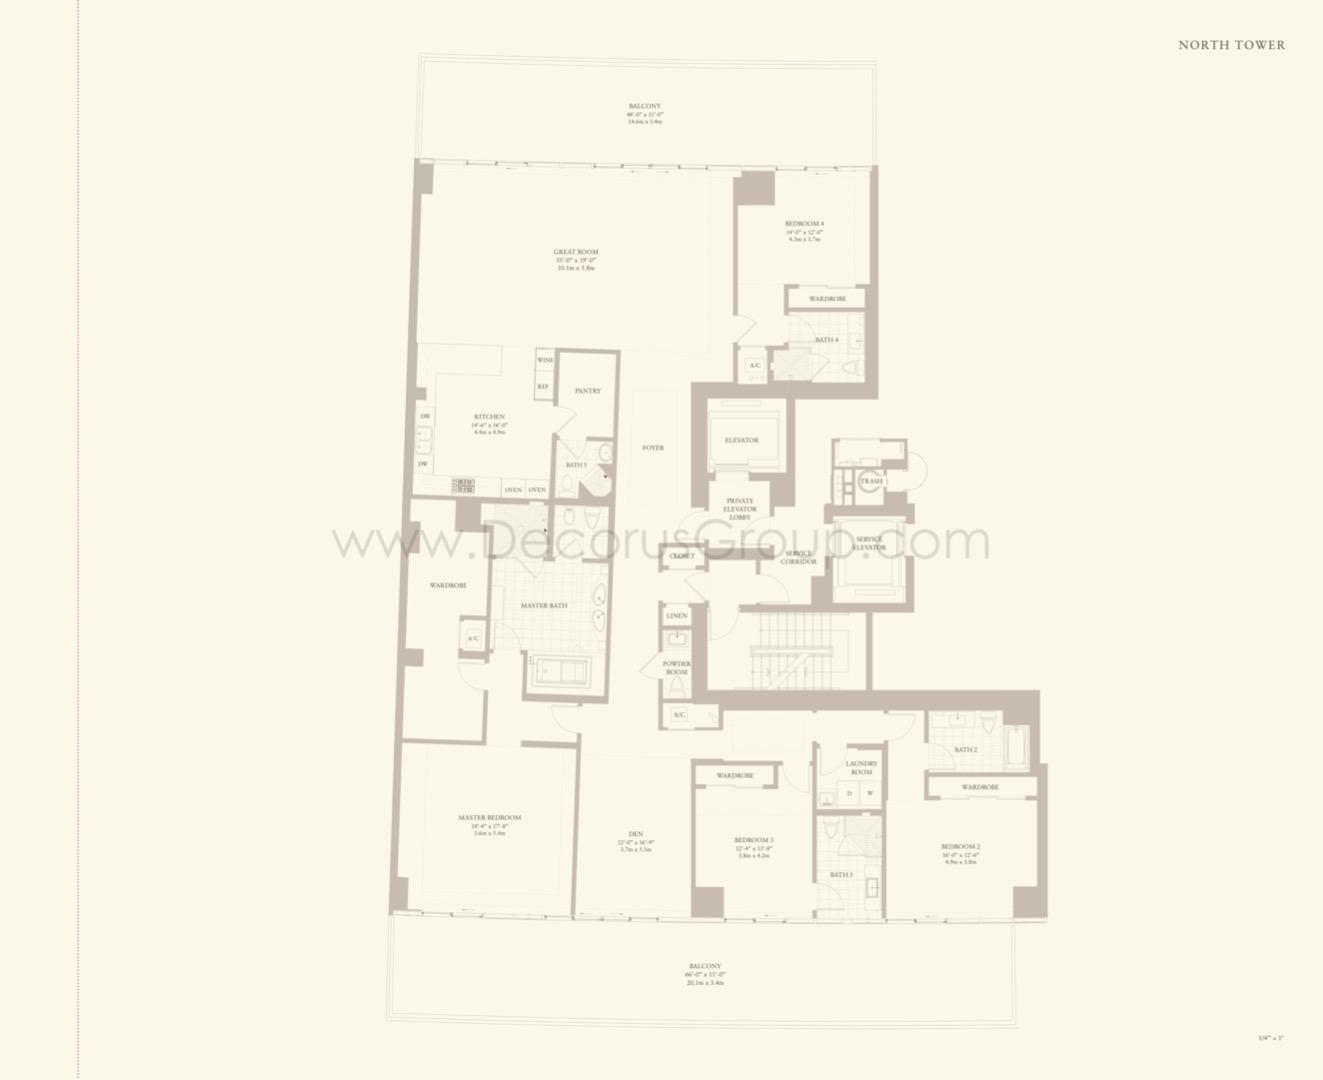 Floor plan image Mayfair - 4/4.5 + Den  - 3912 sqft image